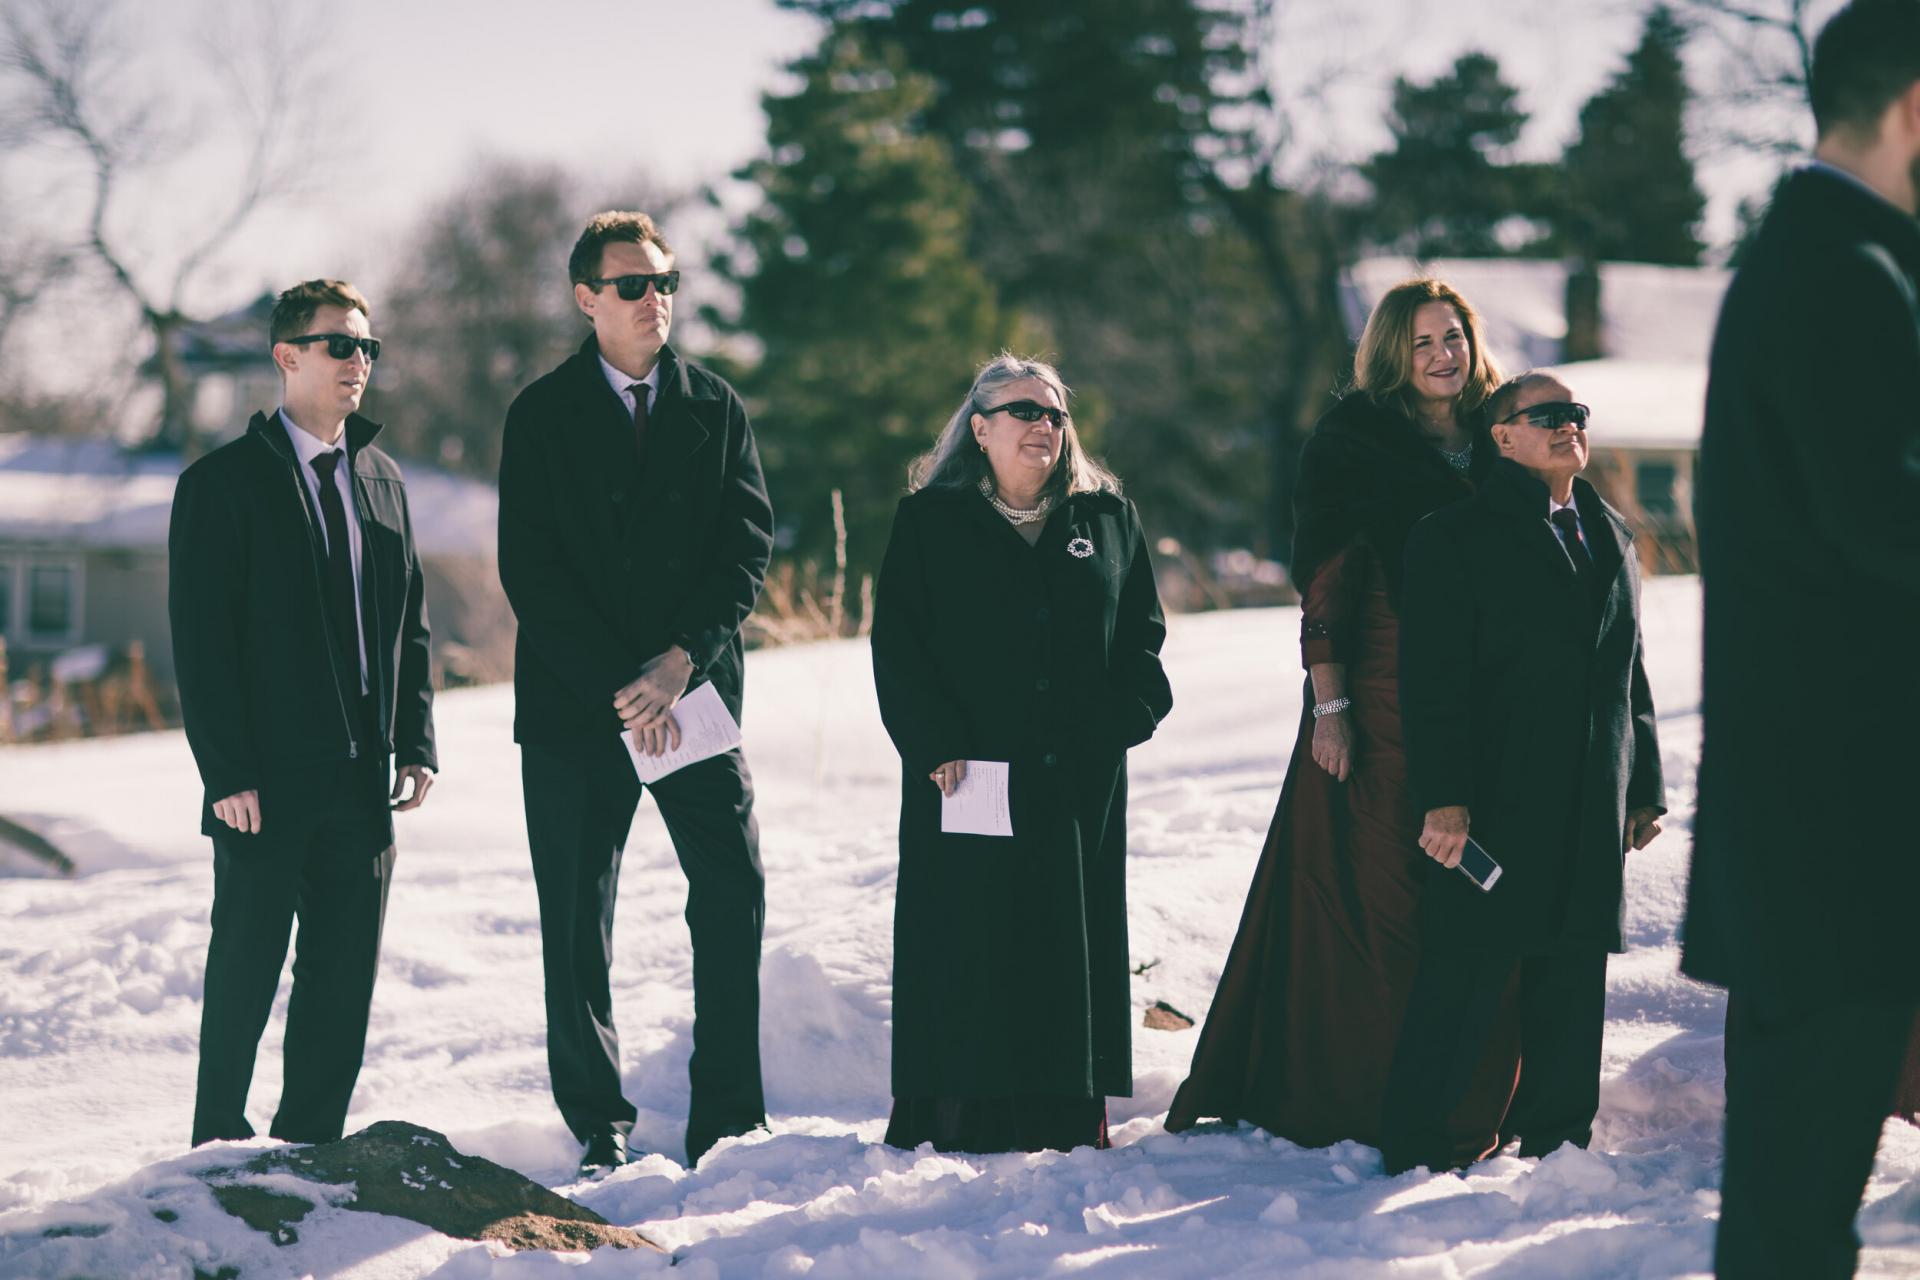 Boulder Winter Elopements - Fotos der Schneezeremonie | Familienmitglieder schauen zu